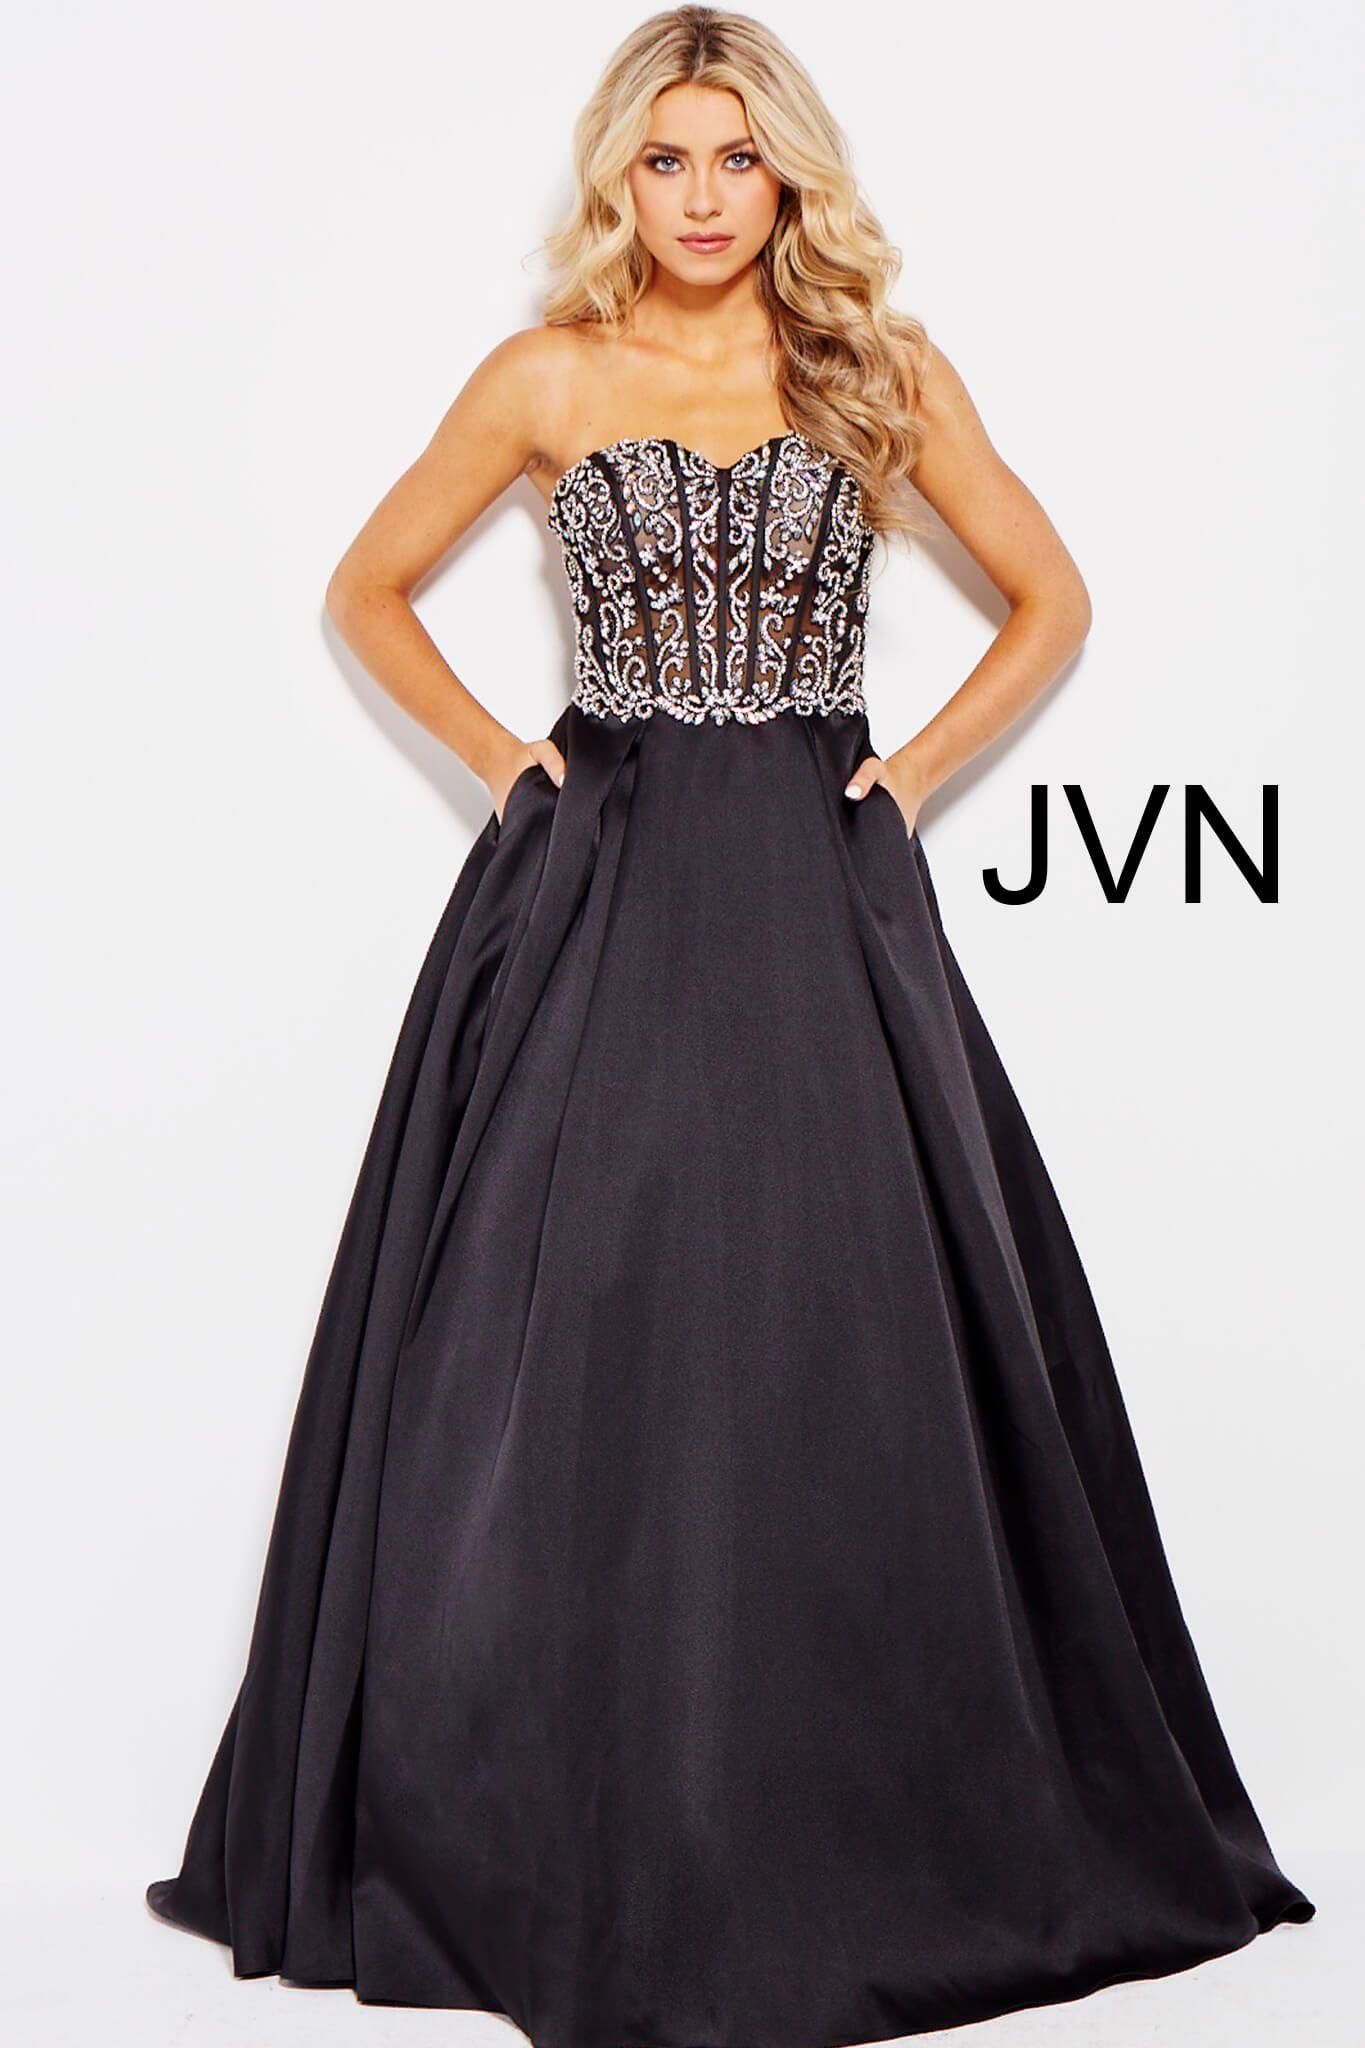 Jvn by jovani jvninternational prom association promdress